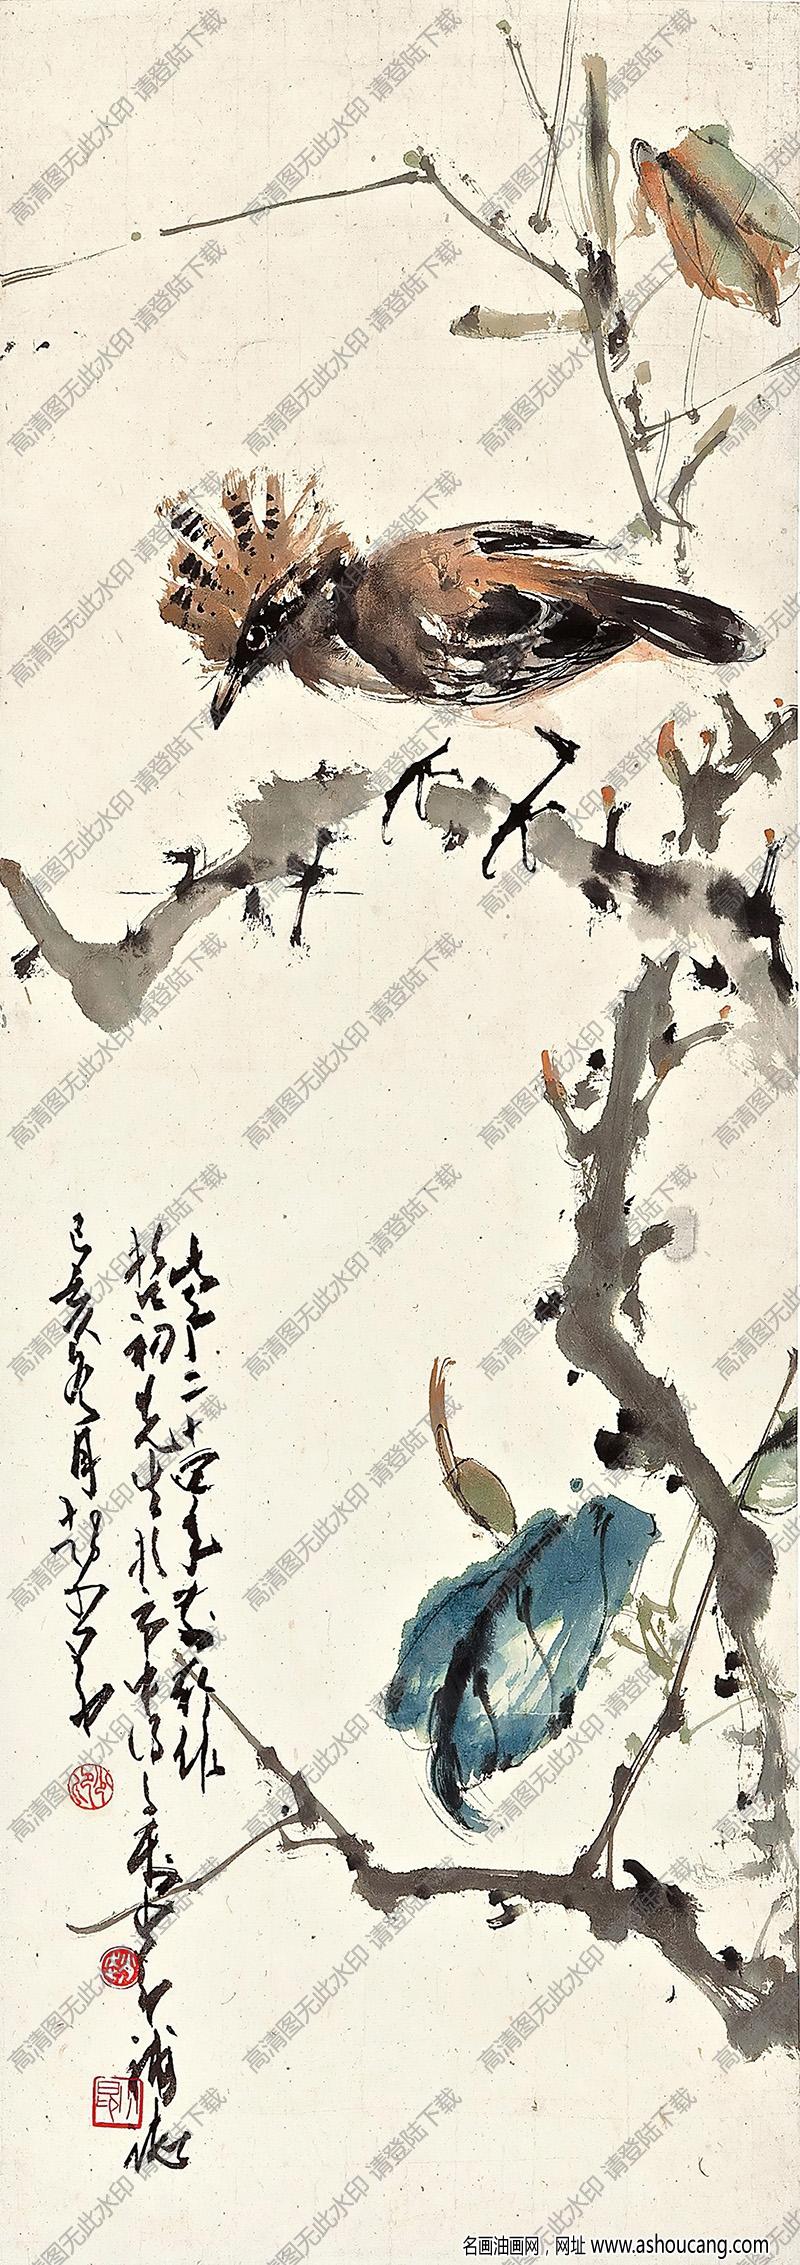 赵少昂作品 树枝小鸟 高清大图下载